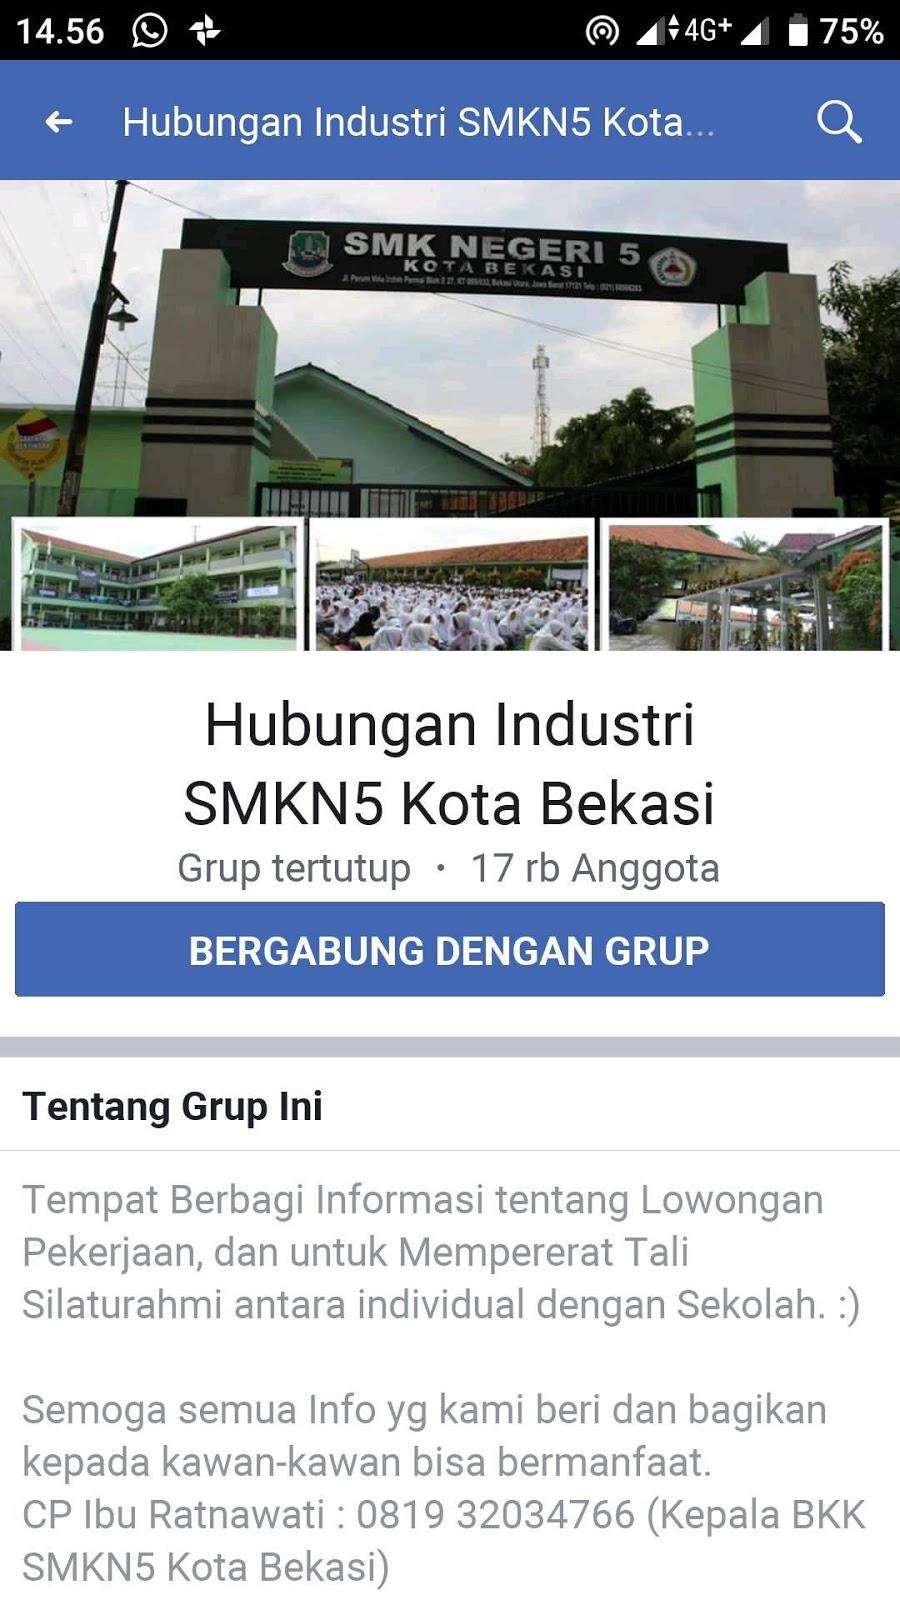 10 Bursa Kerja Khusus atau BKK Terpercaya dan Terjamin di Daerah Bekasi dan Karawang